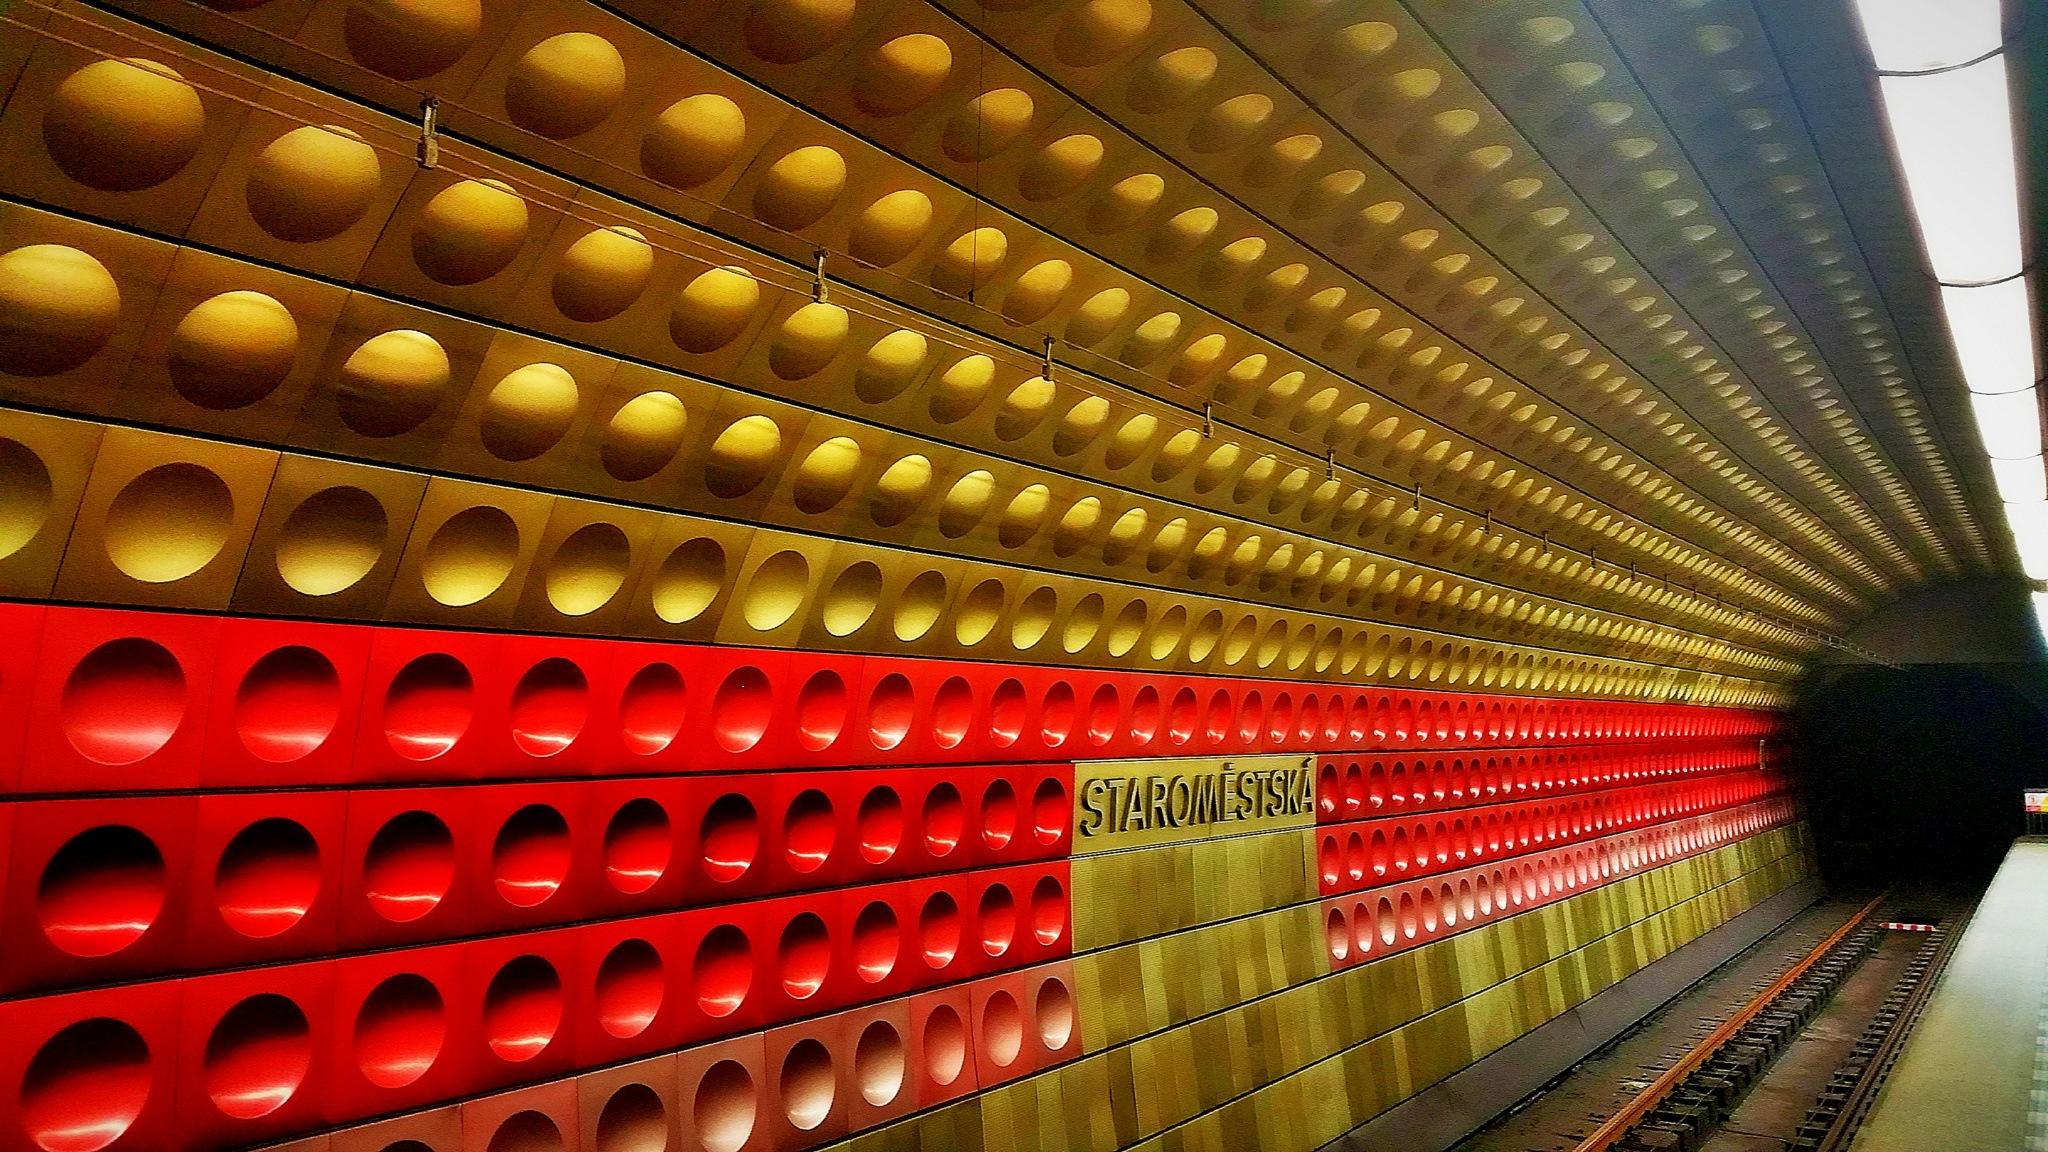 Prague Underground station by Adam Wyciszkiewicz